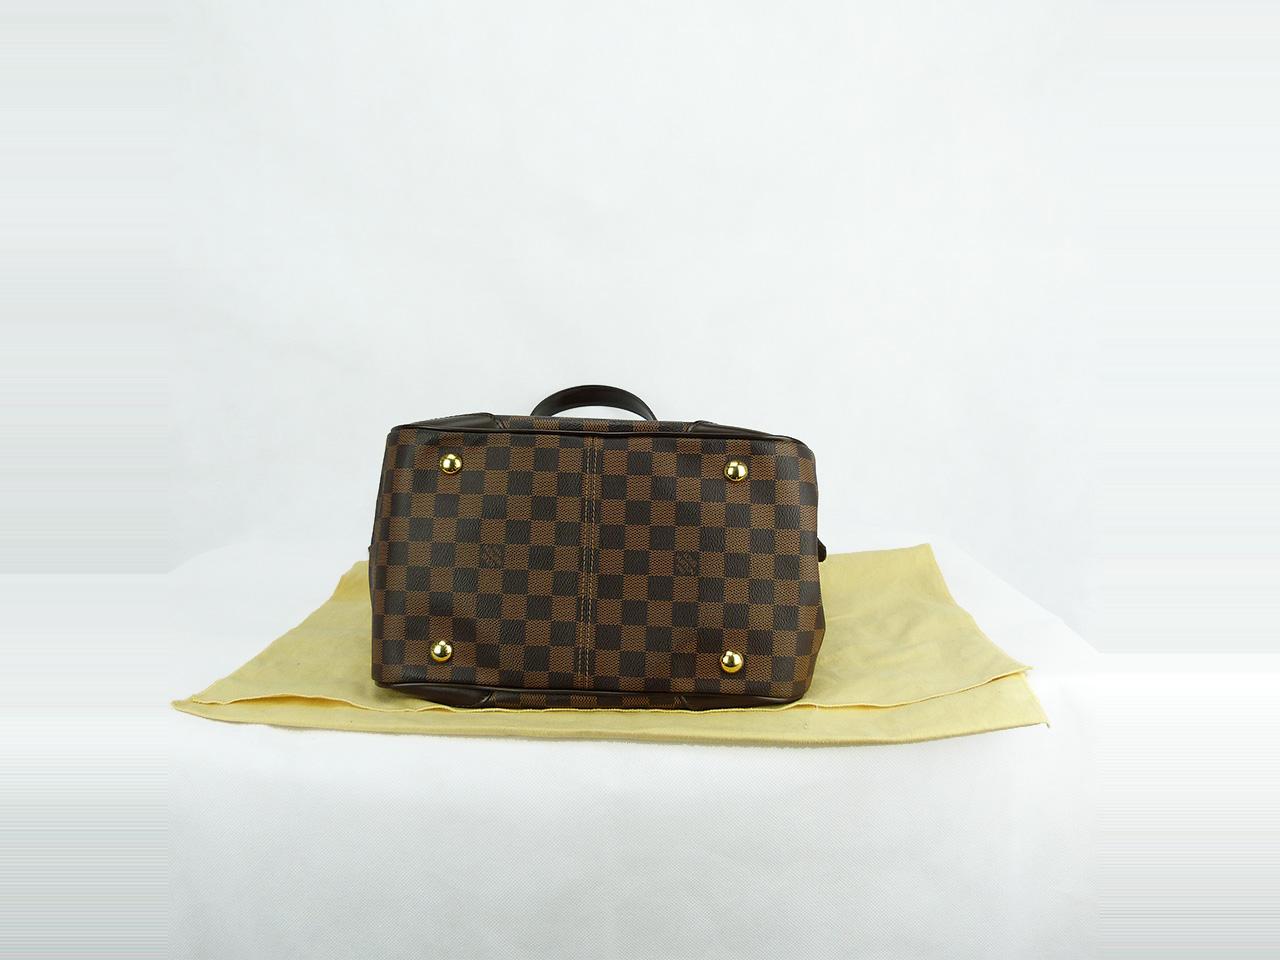 Sac à main Louis Vuitton Verona MM Authentique d'occasion en toile enduite damier ébène